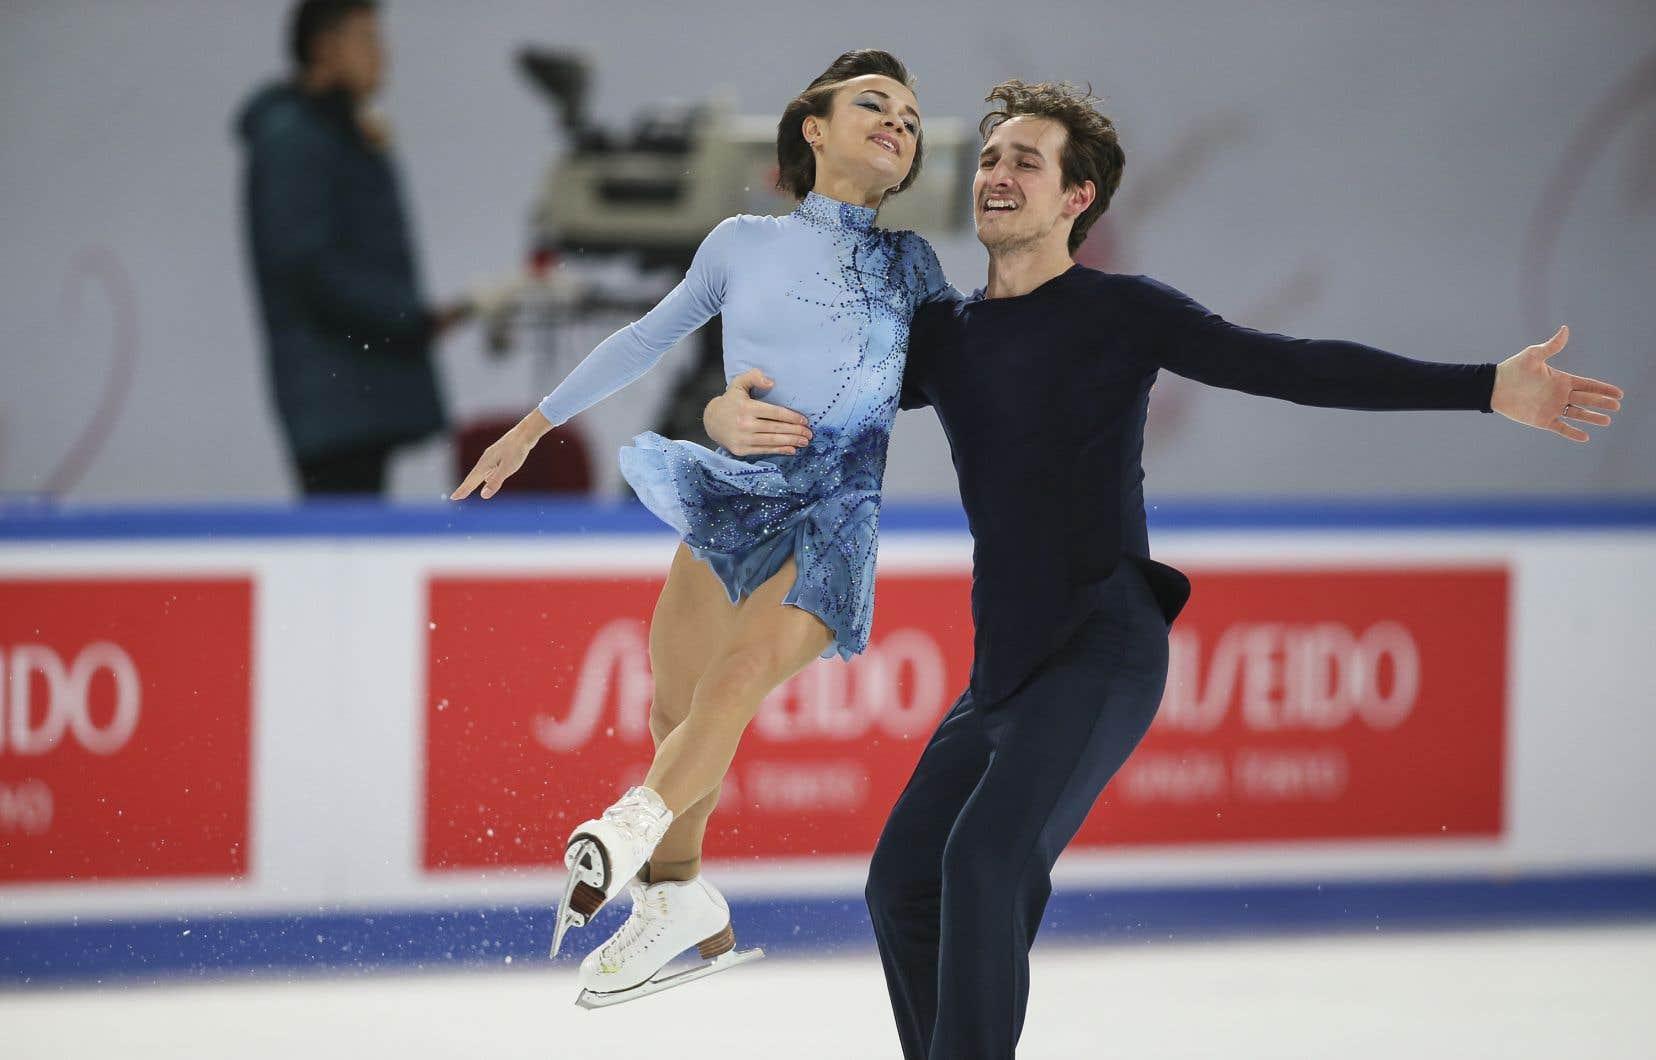 CharlieBilodeau etLubovIlyushechkina,qui habite et s'entraîne à Montréal, espèrent représenter le Canada aux JO de Pékin en 2022.